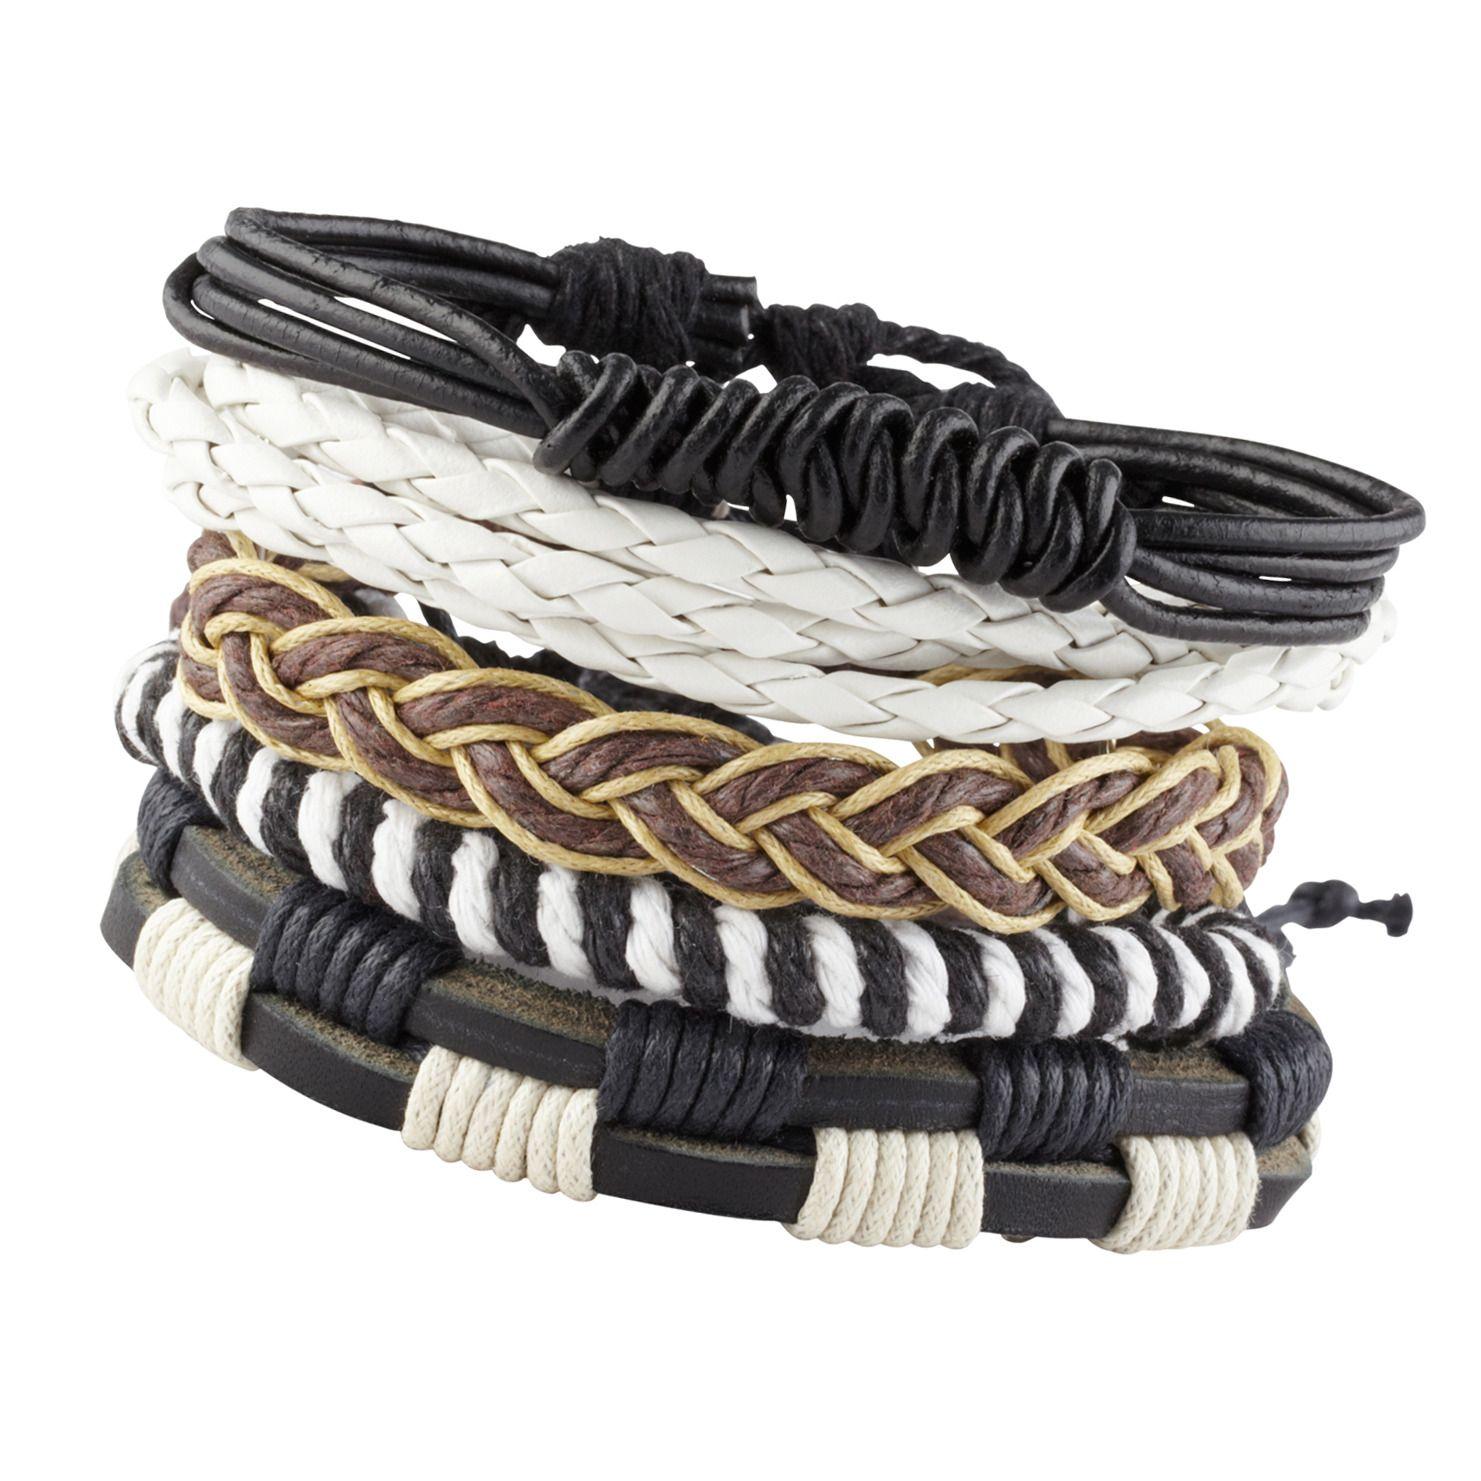 LABLUE - accessories's bracelets men's for sale at ALDO Shoes.